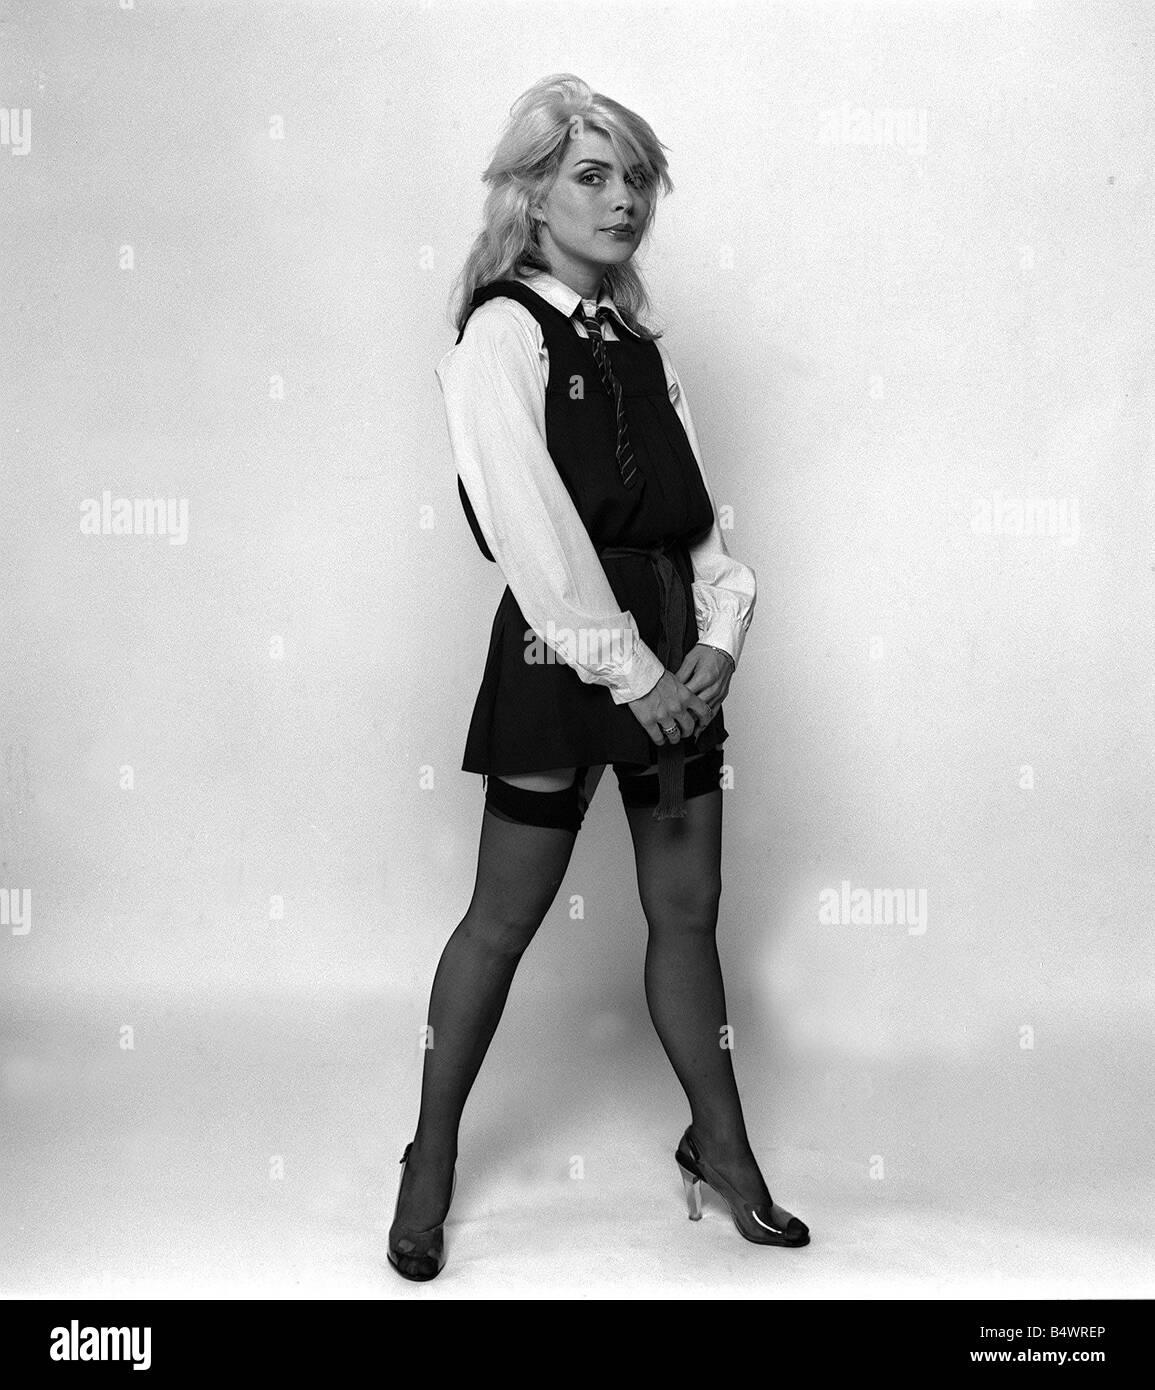 Debbie Harry Blondie singer dressed as schoolgirl 1978 weby - Stock Image